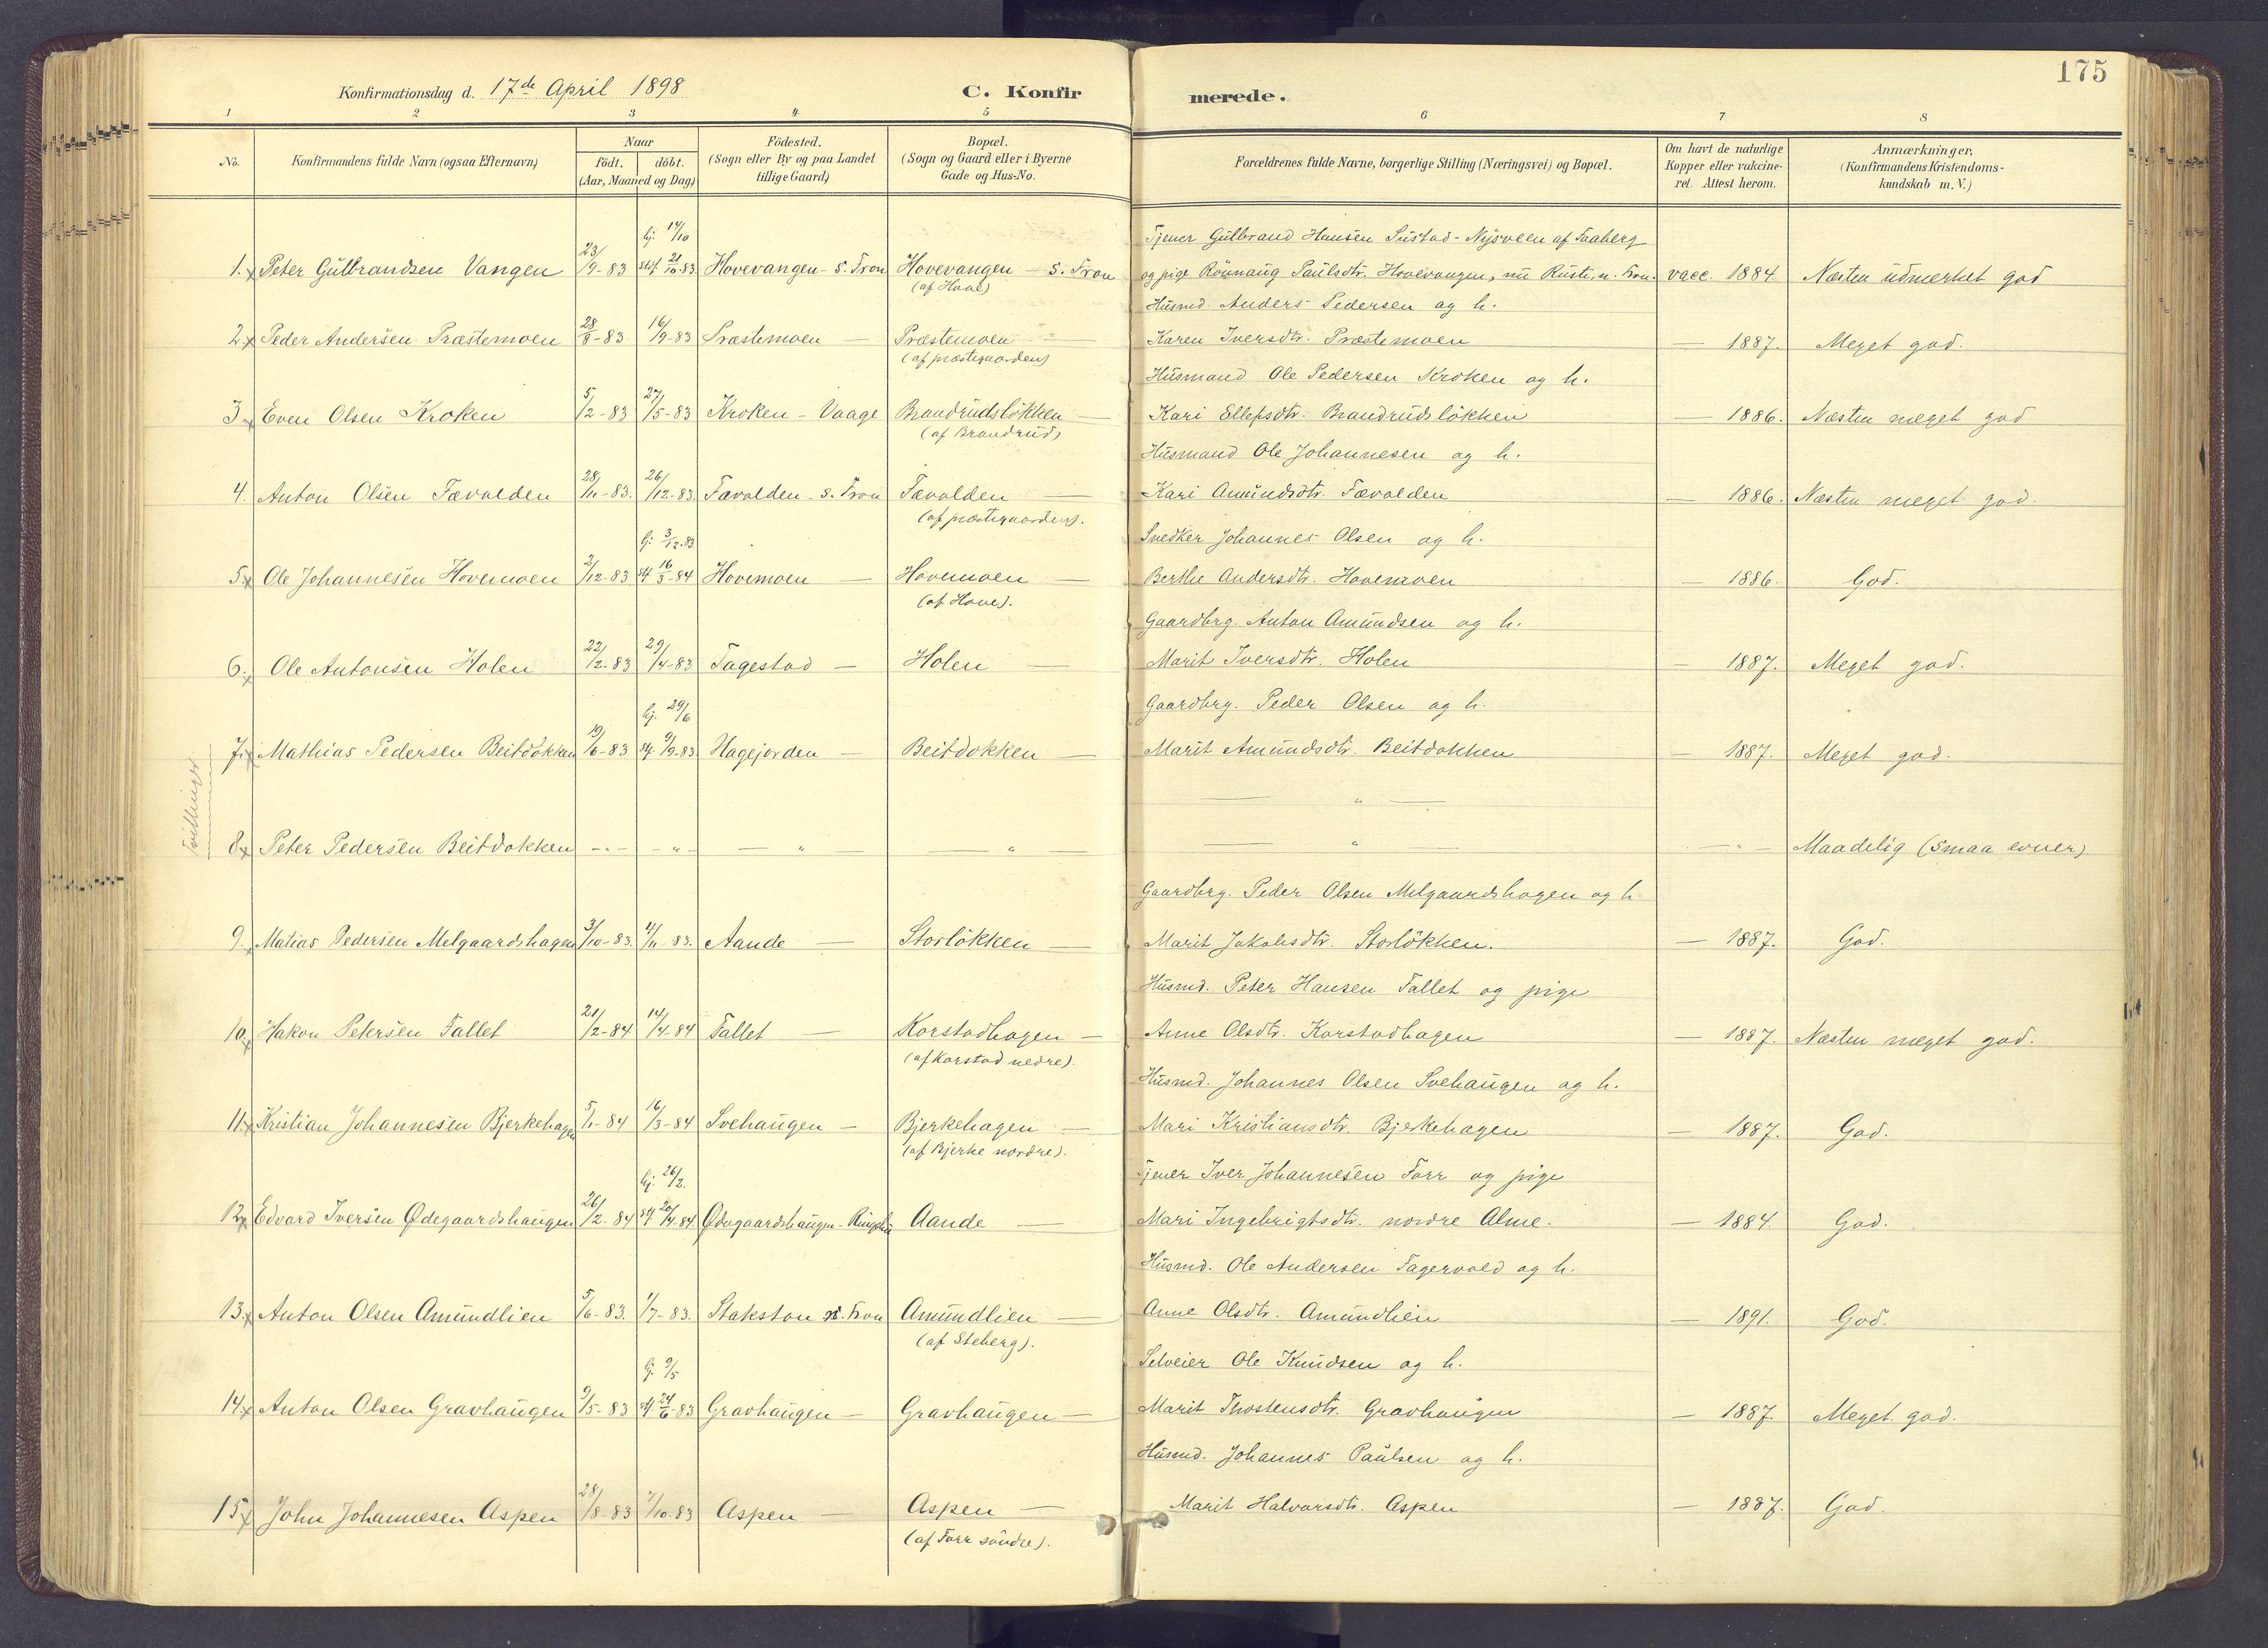 SAH, Sør-Fron prestekontor, H/Ha/Haa/L0004: Parish register (official) no. 4, 1898-1919, p. 175